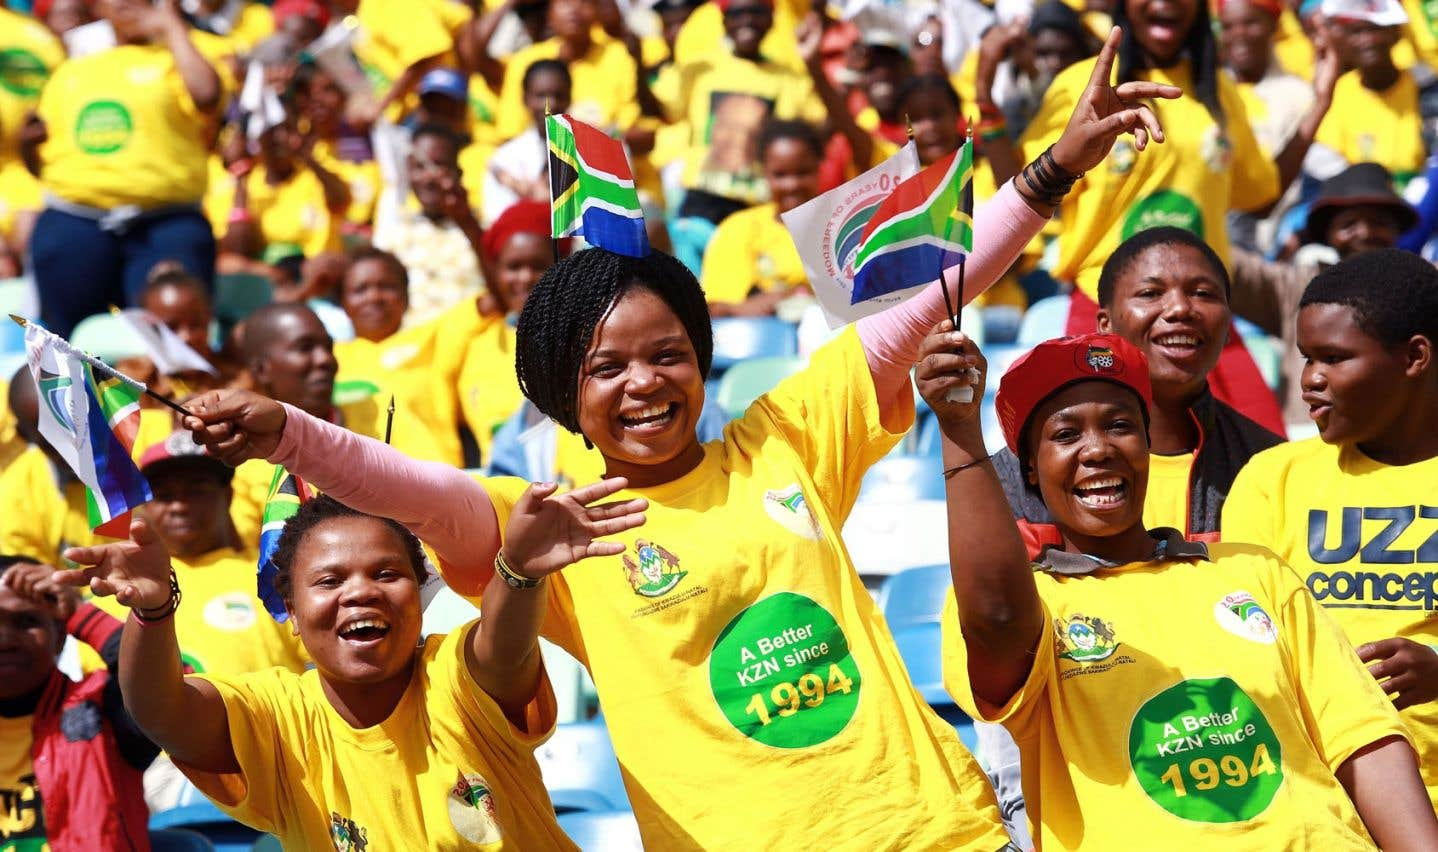 L'Afrique du Sud souligne vingt ans de démocratie